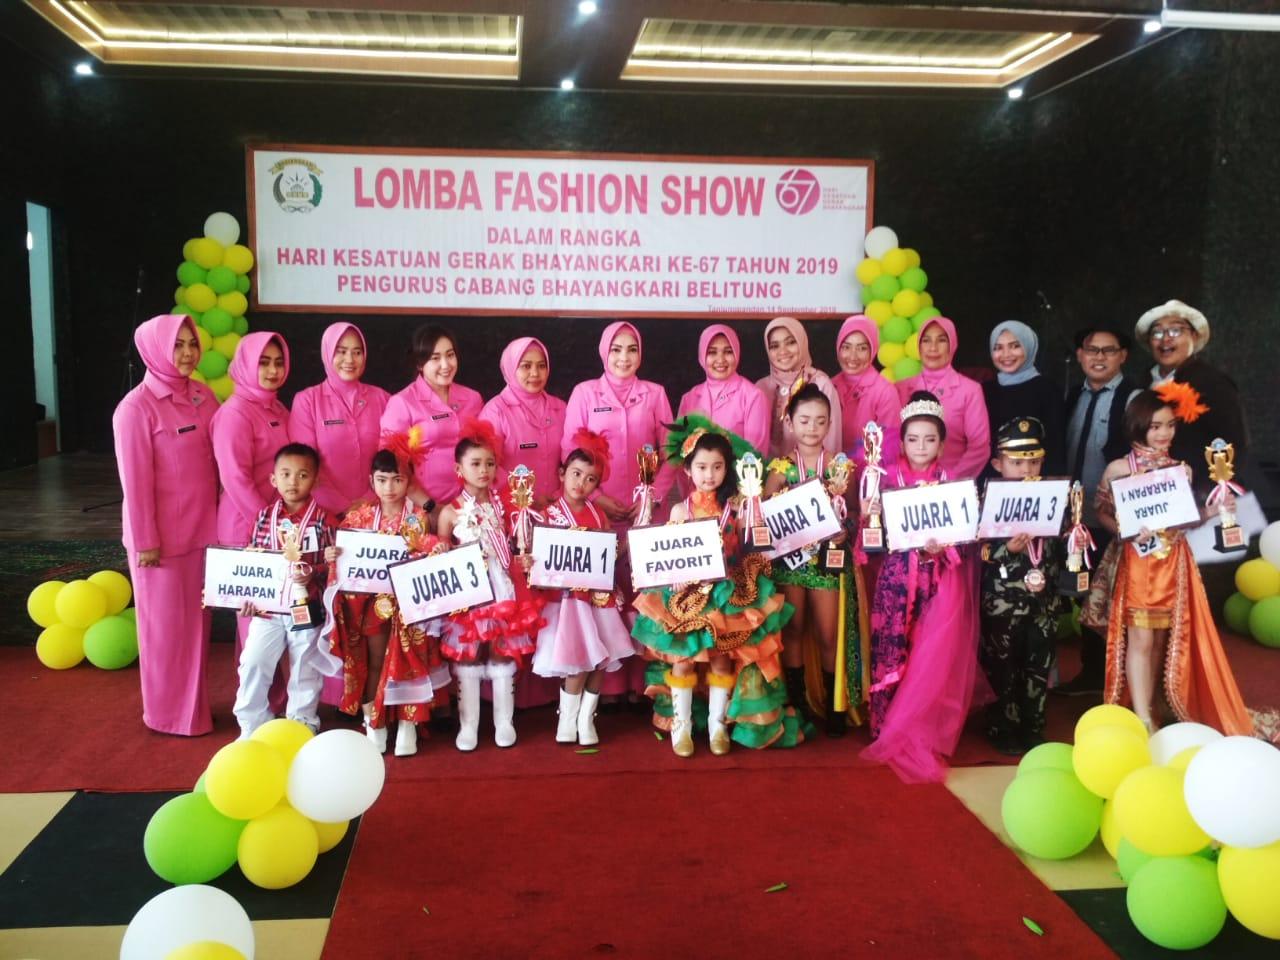 Anak-anak SD Dan TK Se Pulau Belitung Ramaikan Lomba Fashion Show